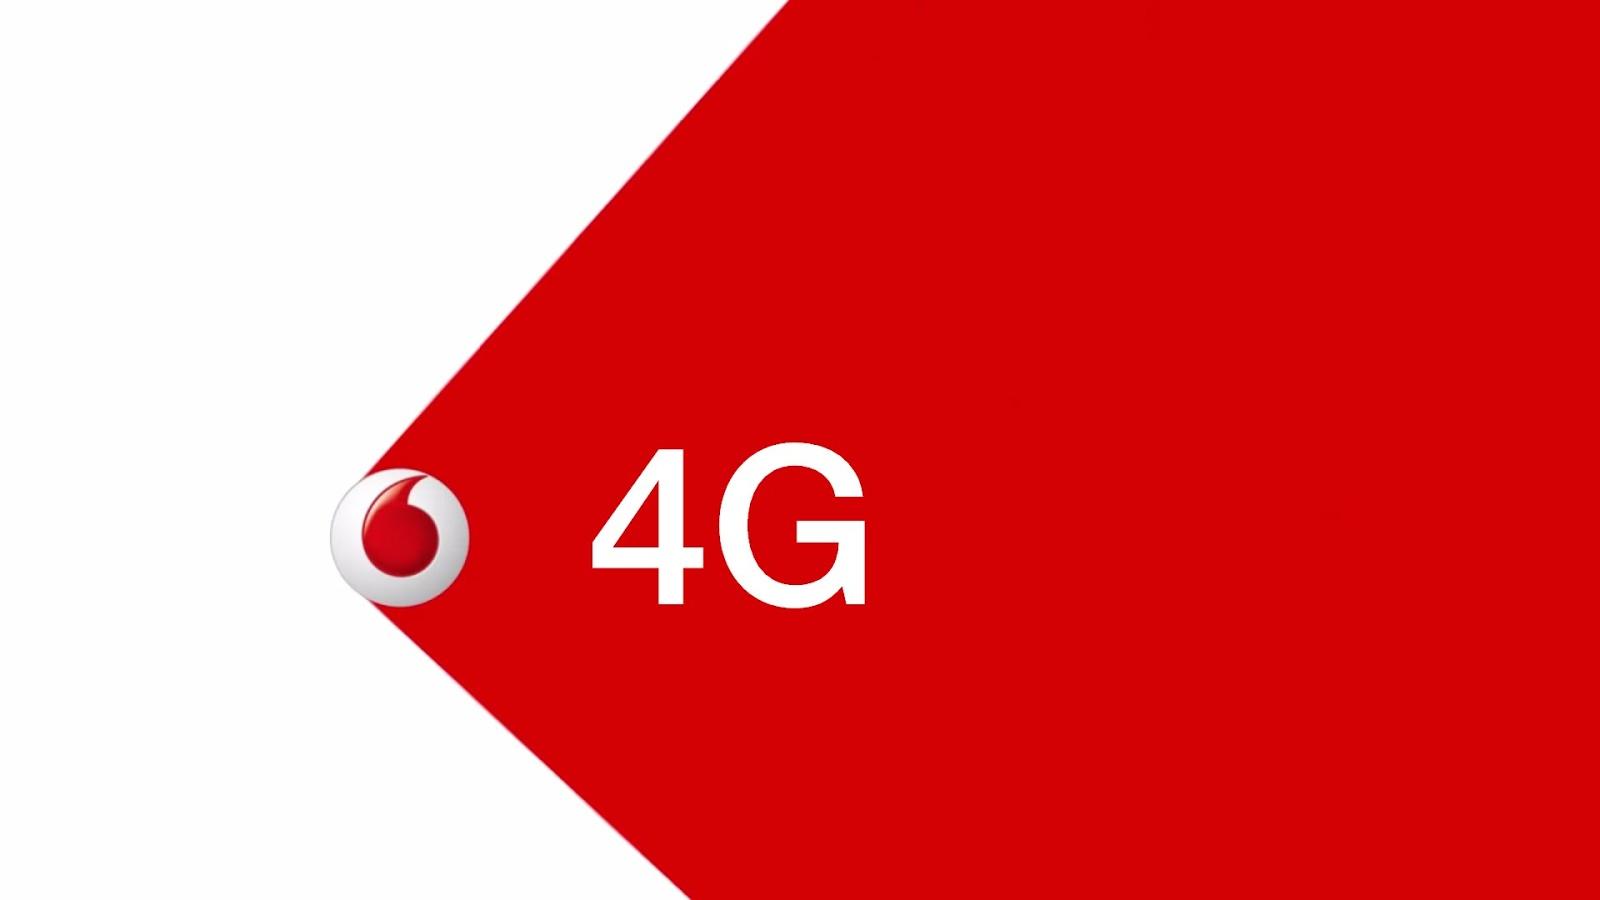 2جيجا انترنت هدية من فودافون لما تستخدم الـ 4G